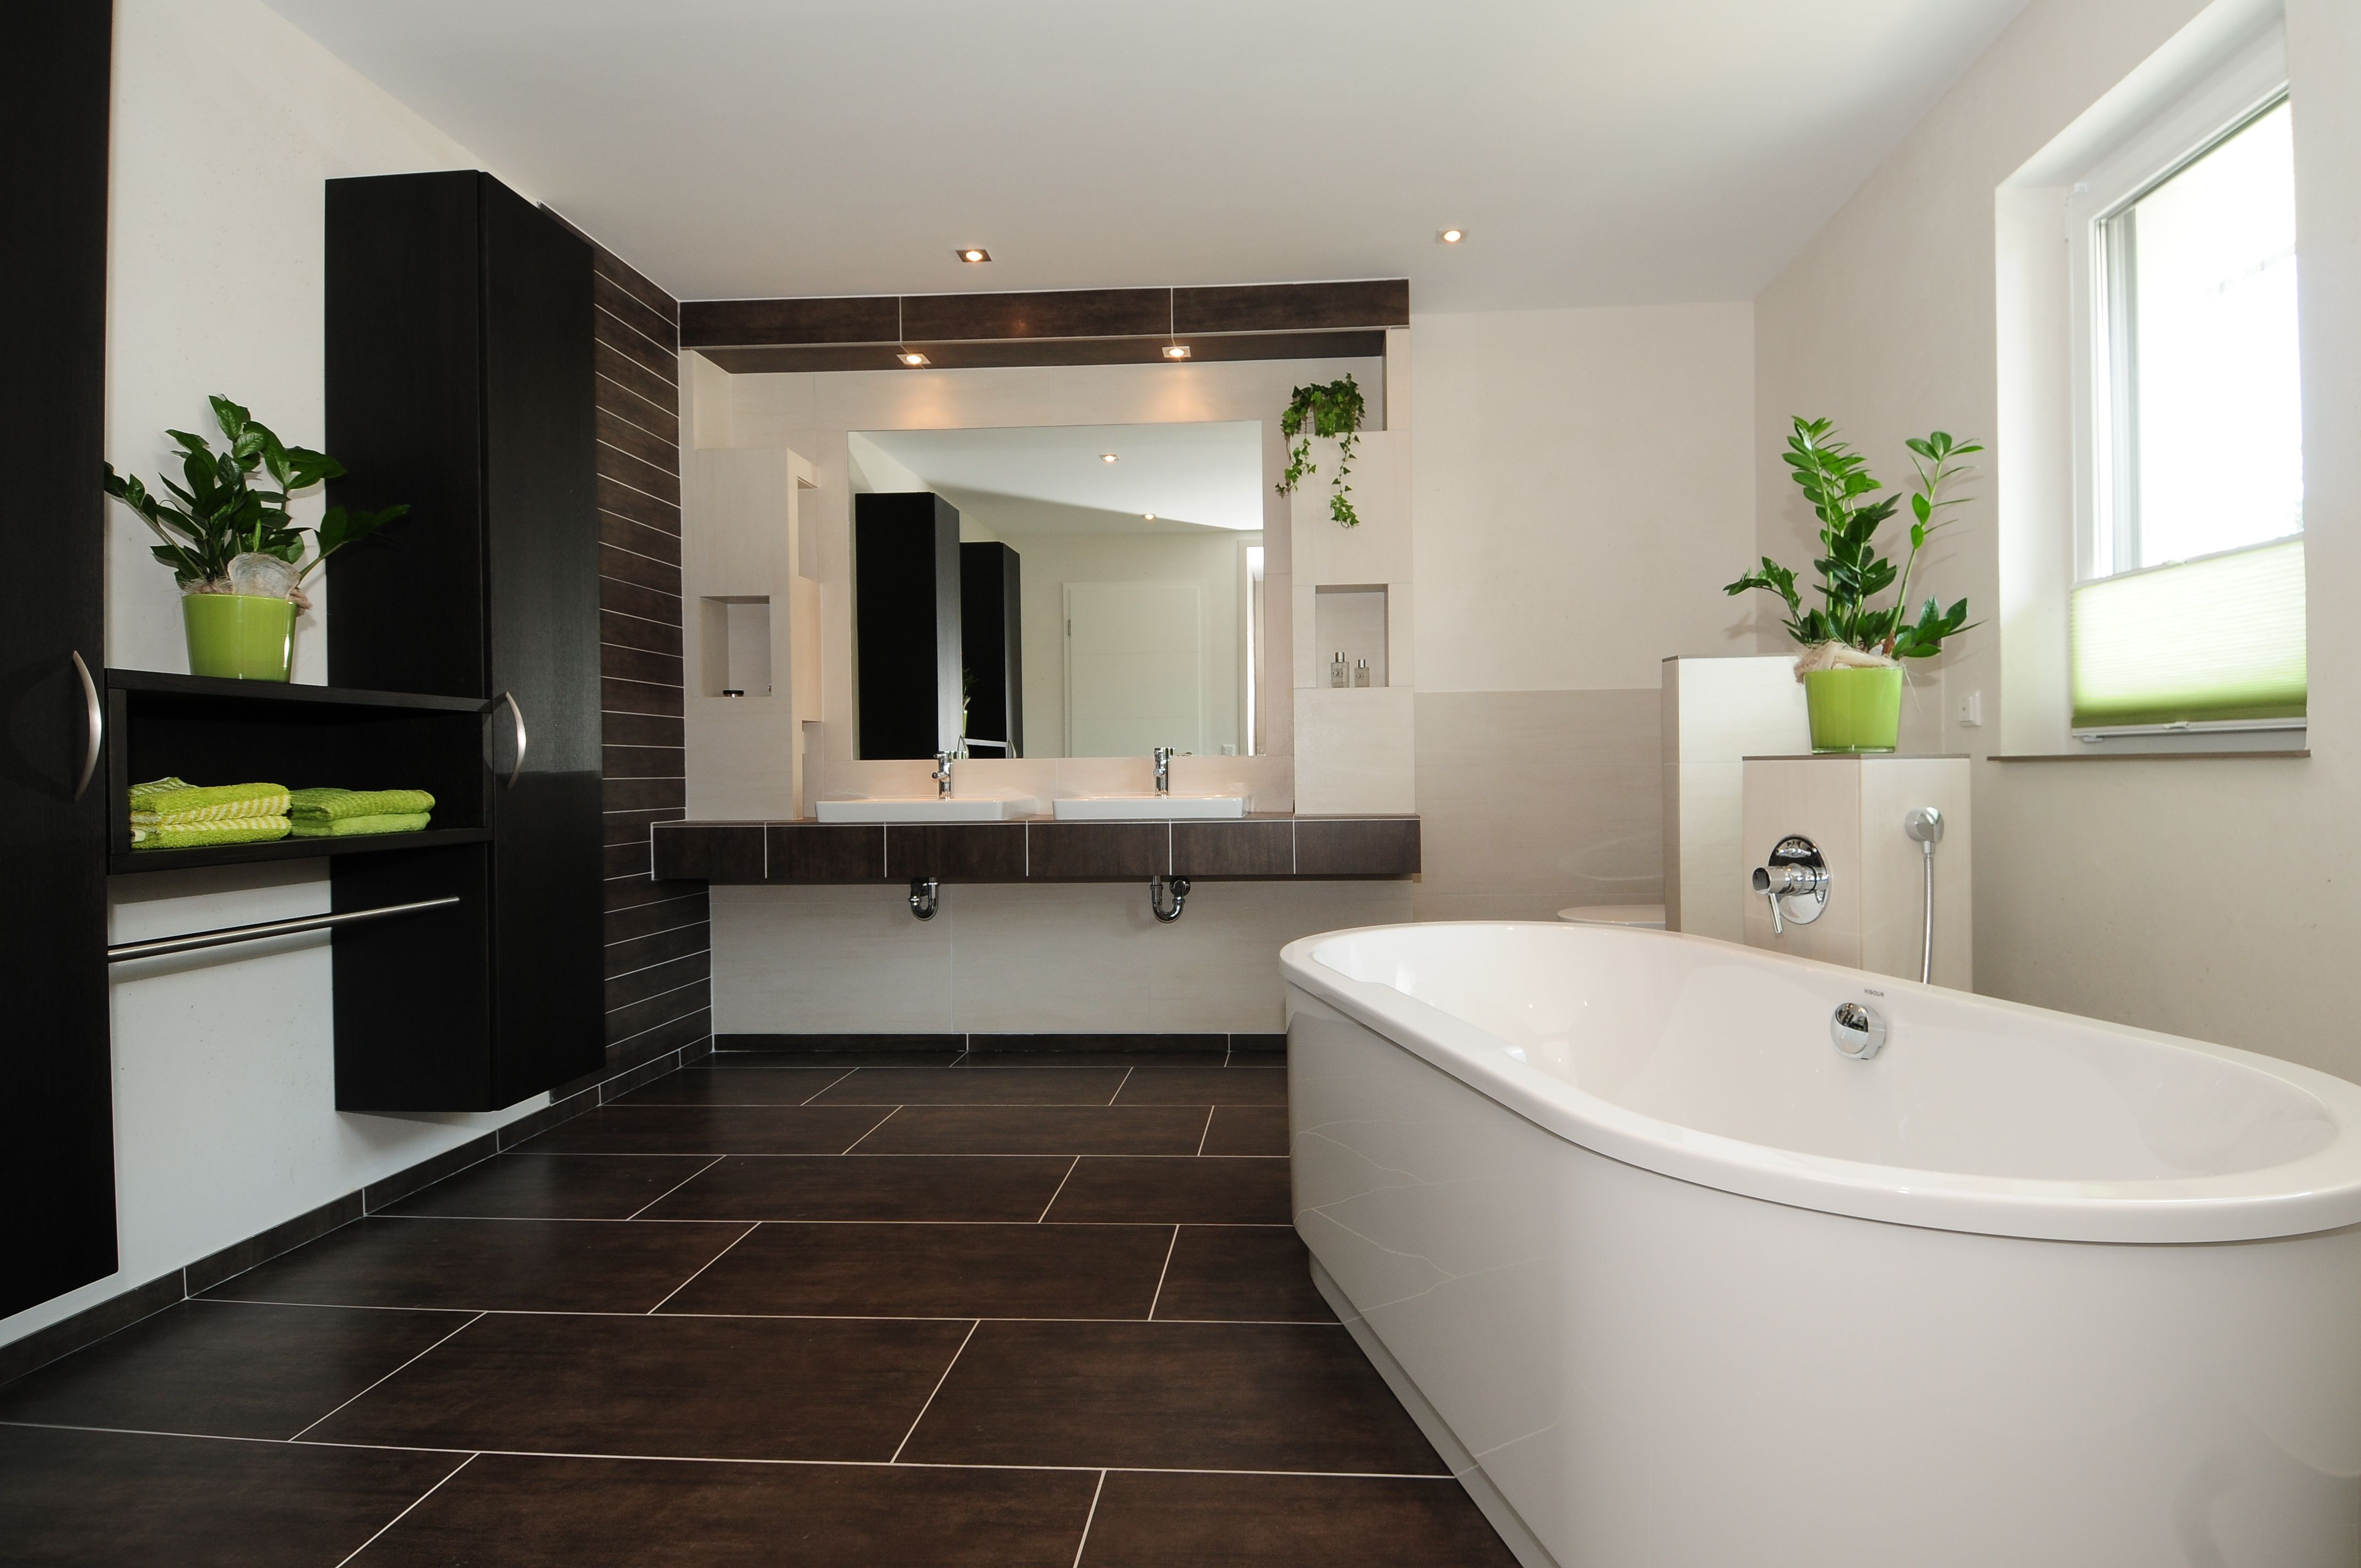 B der bernhard b ngeler gmbh fliesen platten mosaik - Fliesenfolie badezimmer ...